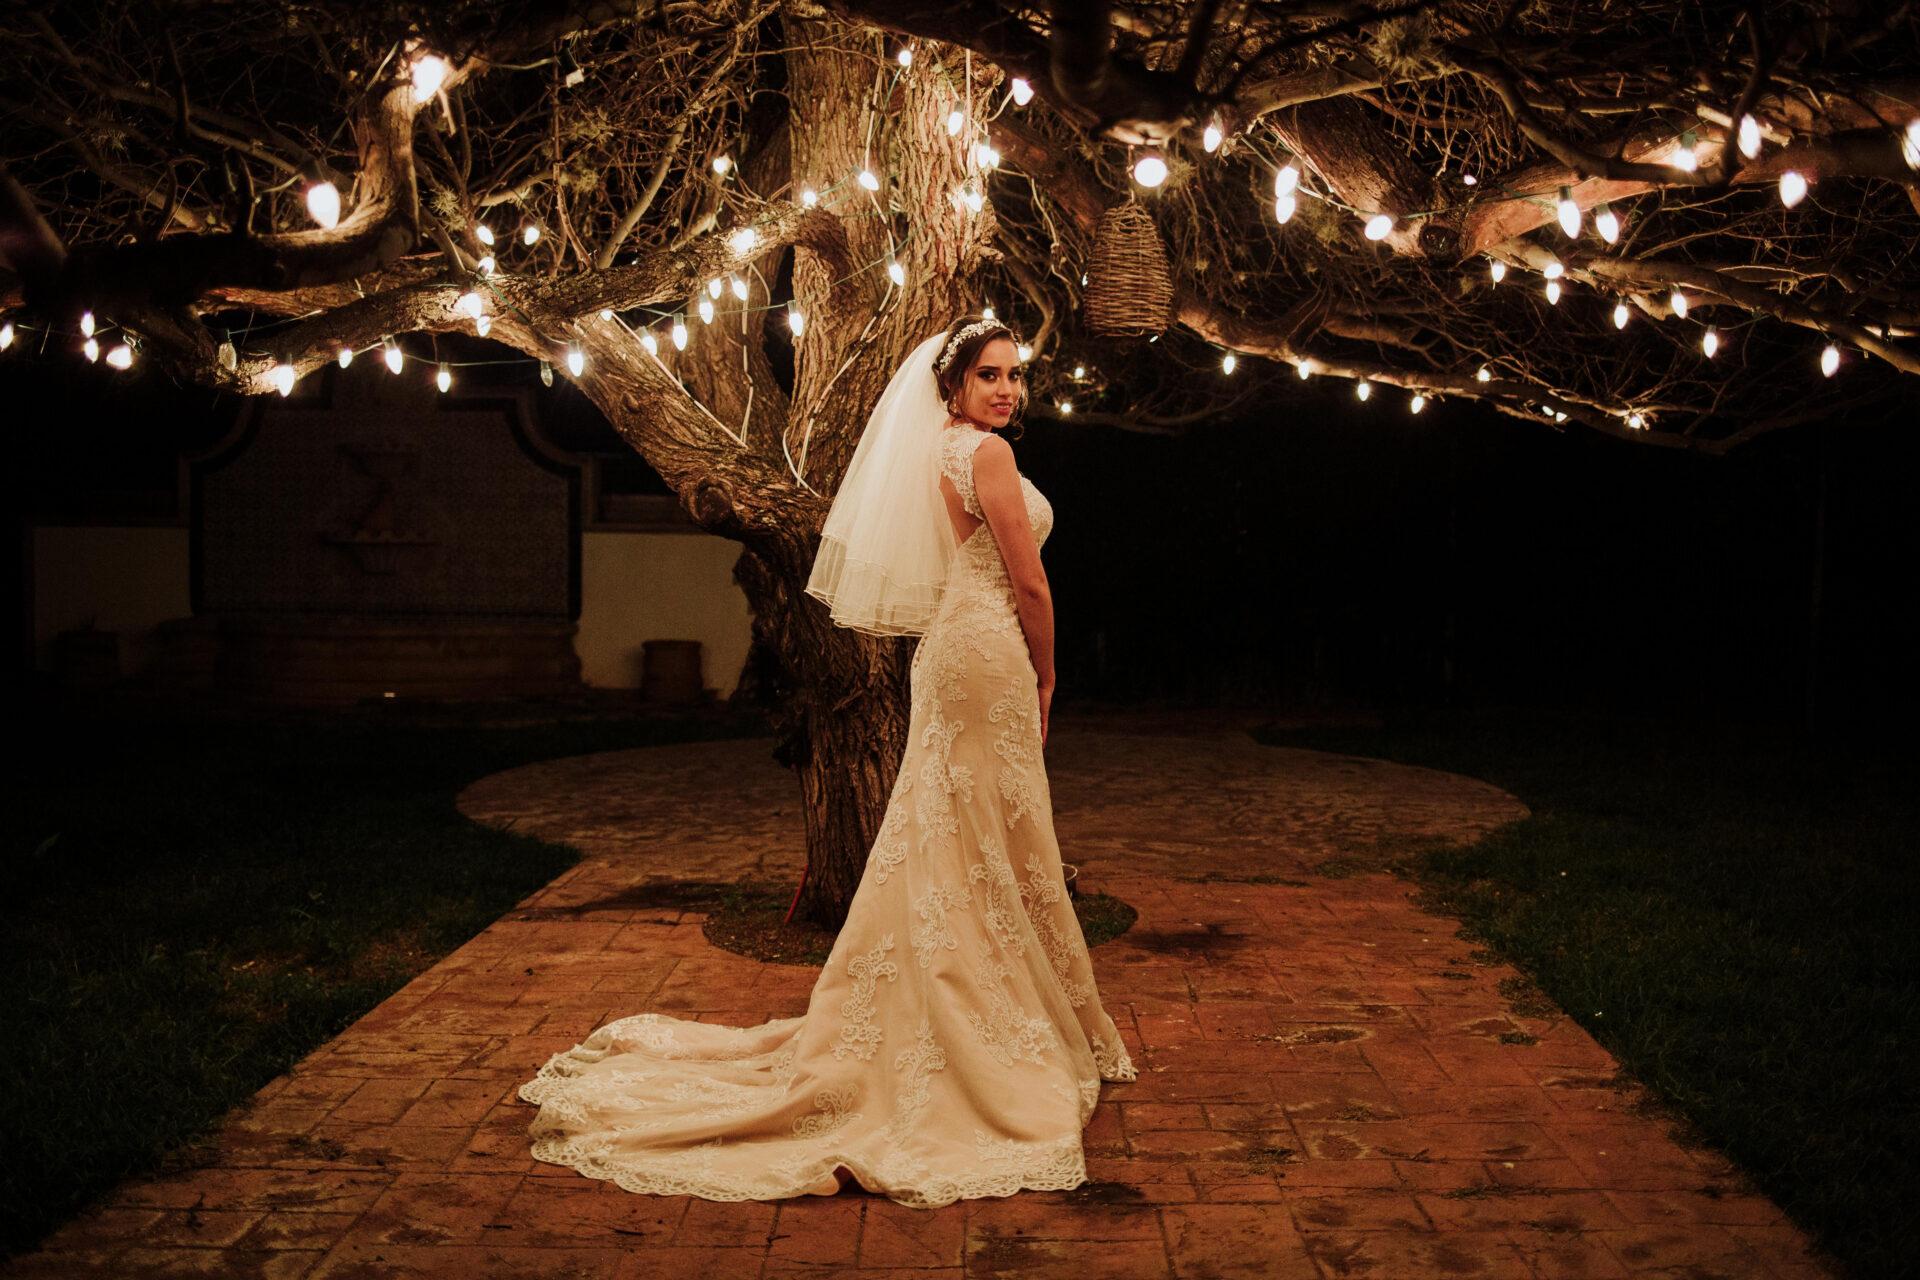 javier_noriega_fotografo_Boda_san_ramon_zacatecas_wedding_photographer13